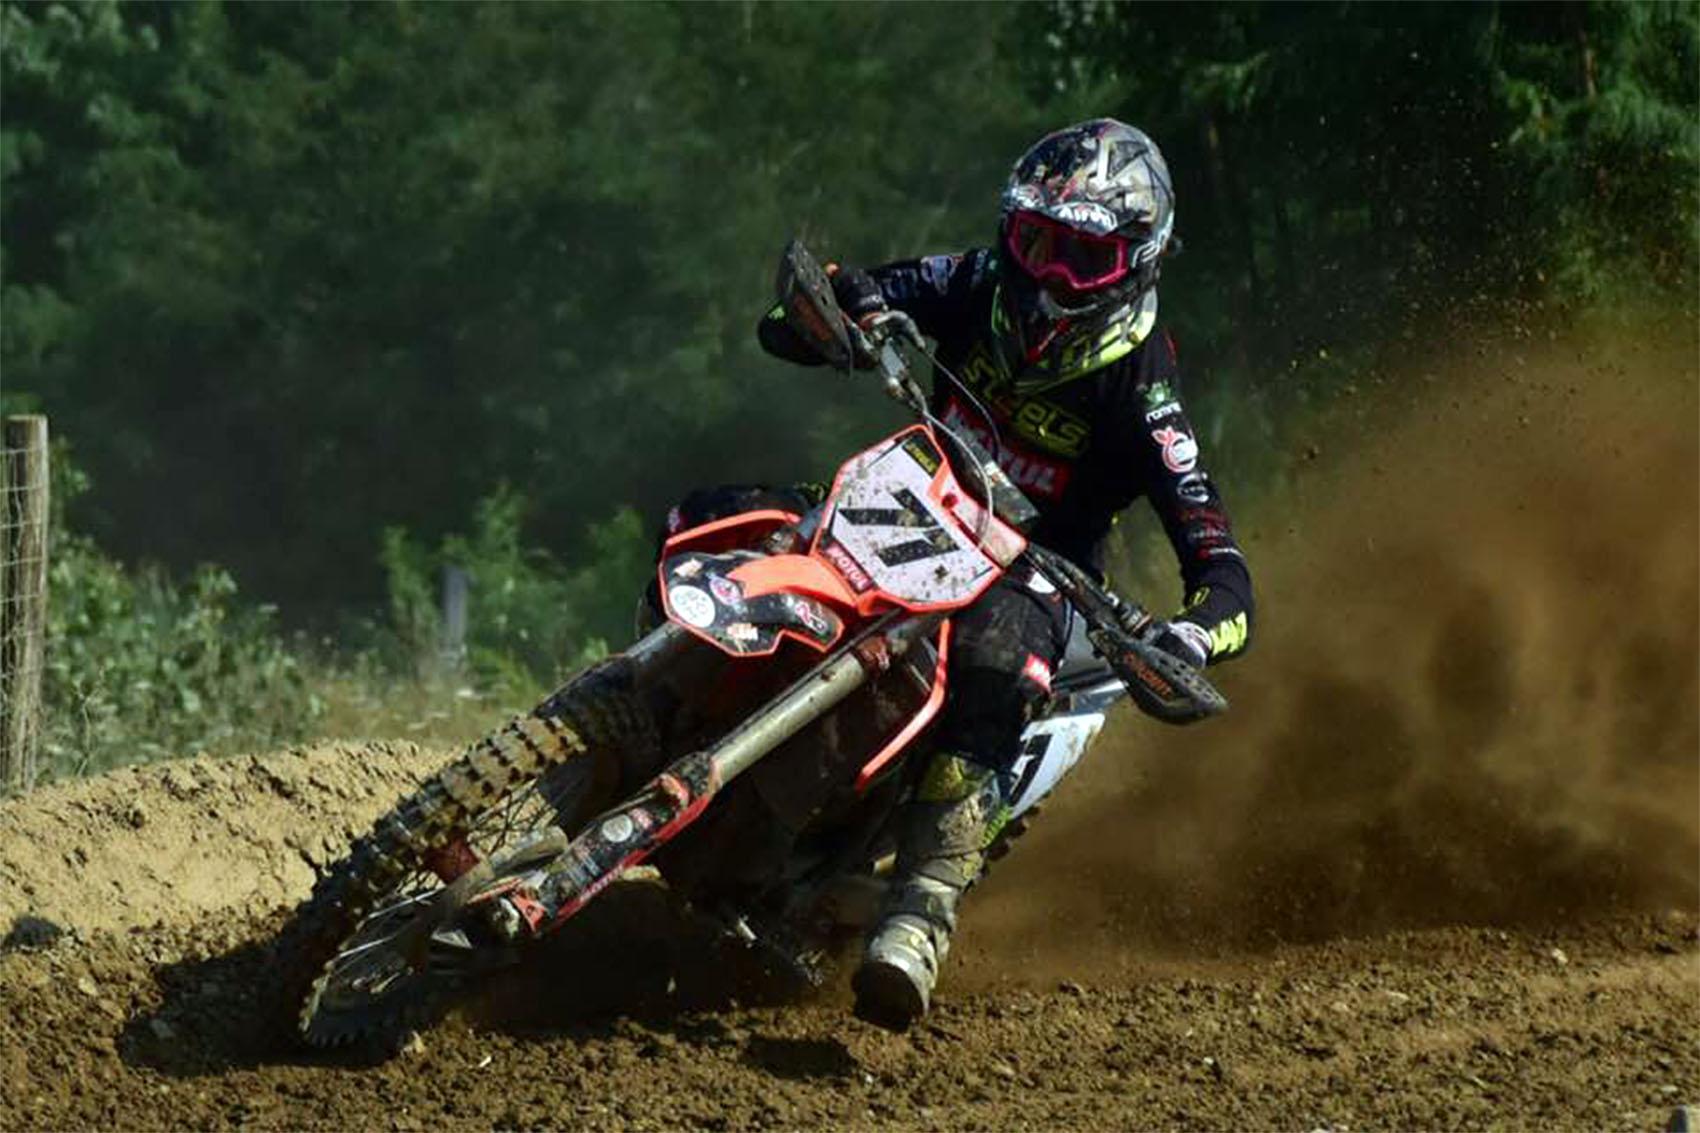 Steels Motocross: fioccano le soddisfazioni e rientra anche Morgan Bennati